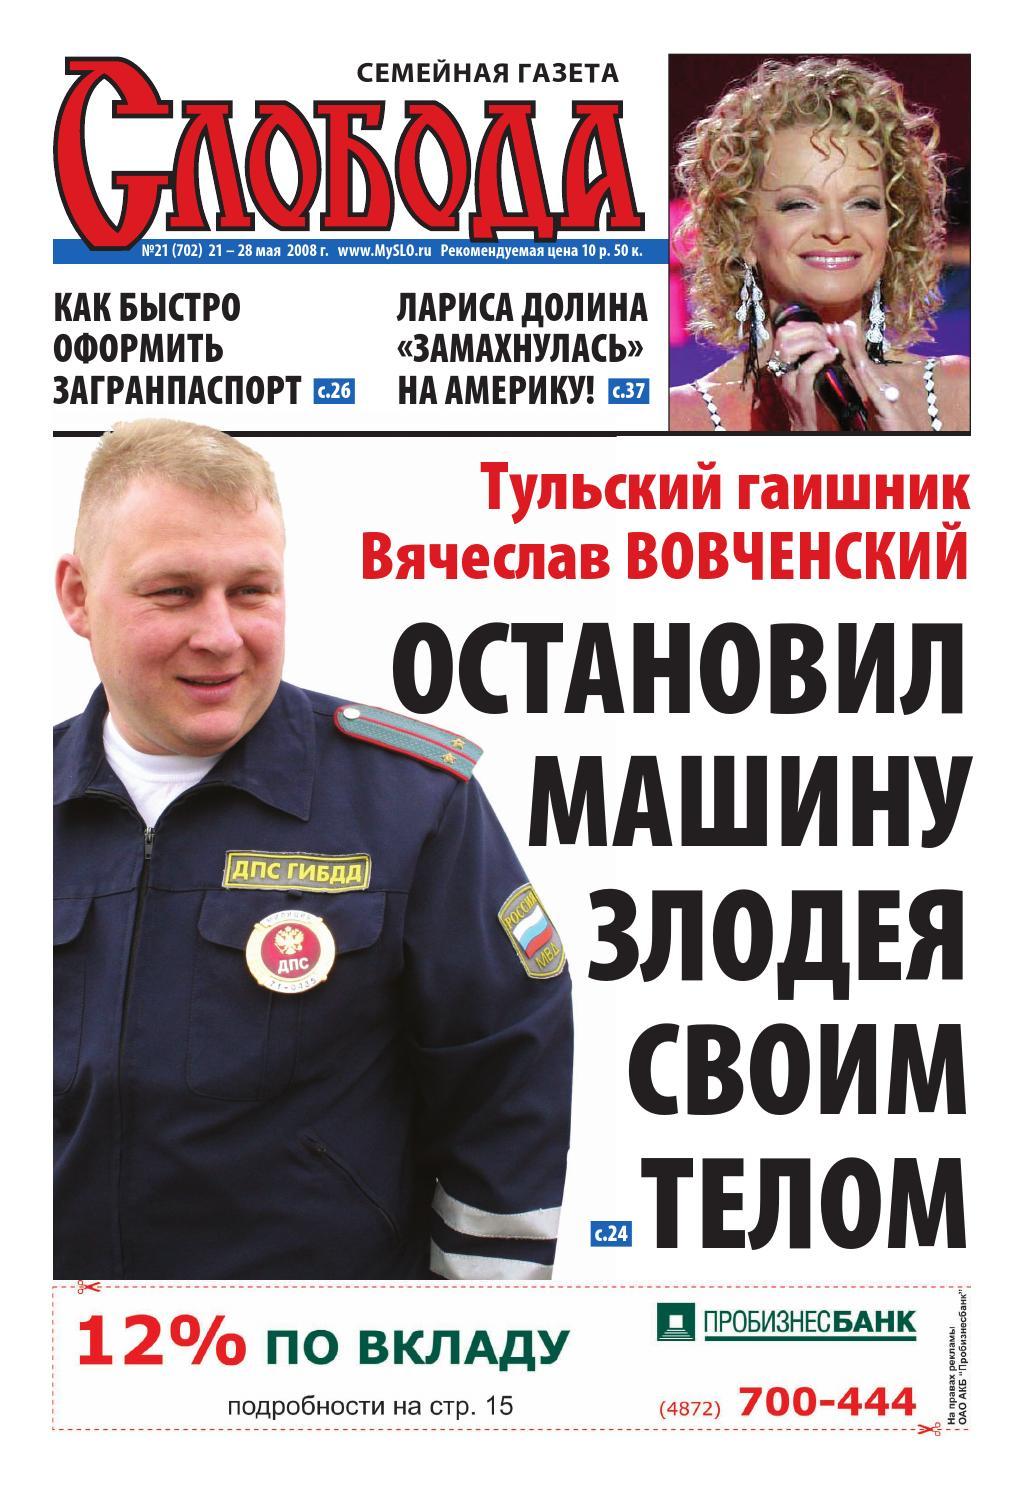 приказ минздрава россии о родовом сертификате от 28 11 2005г 701 инструкция